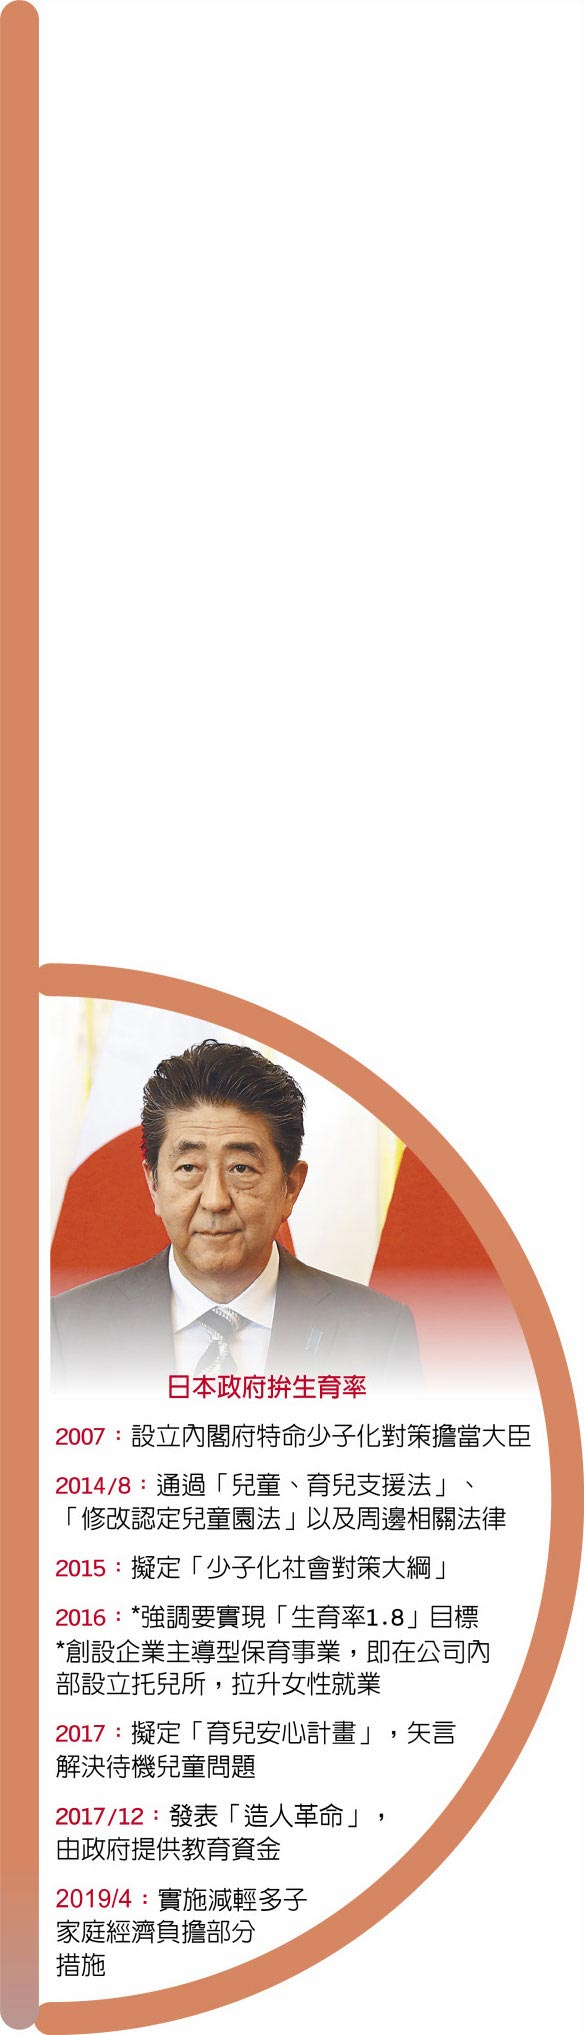 日本政府拚生育率     圖/美聯社